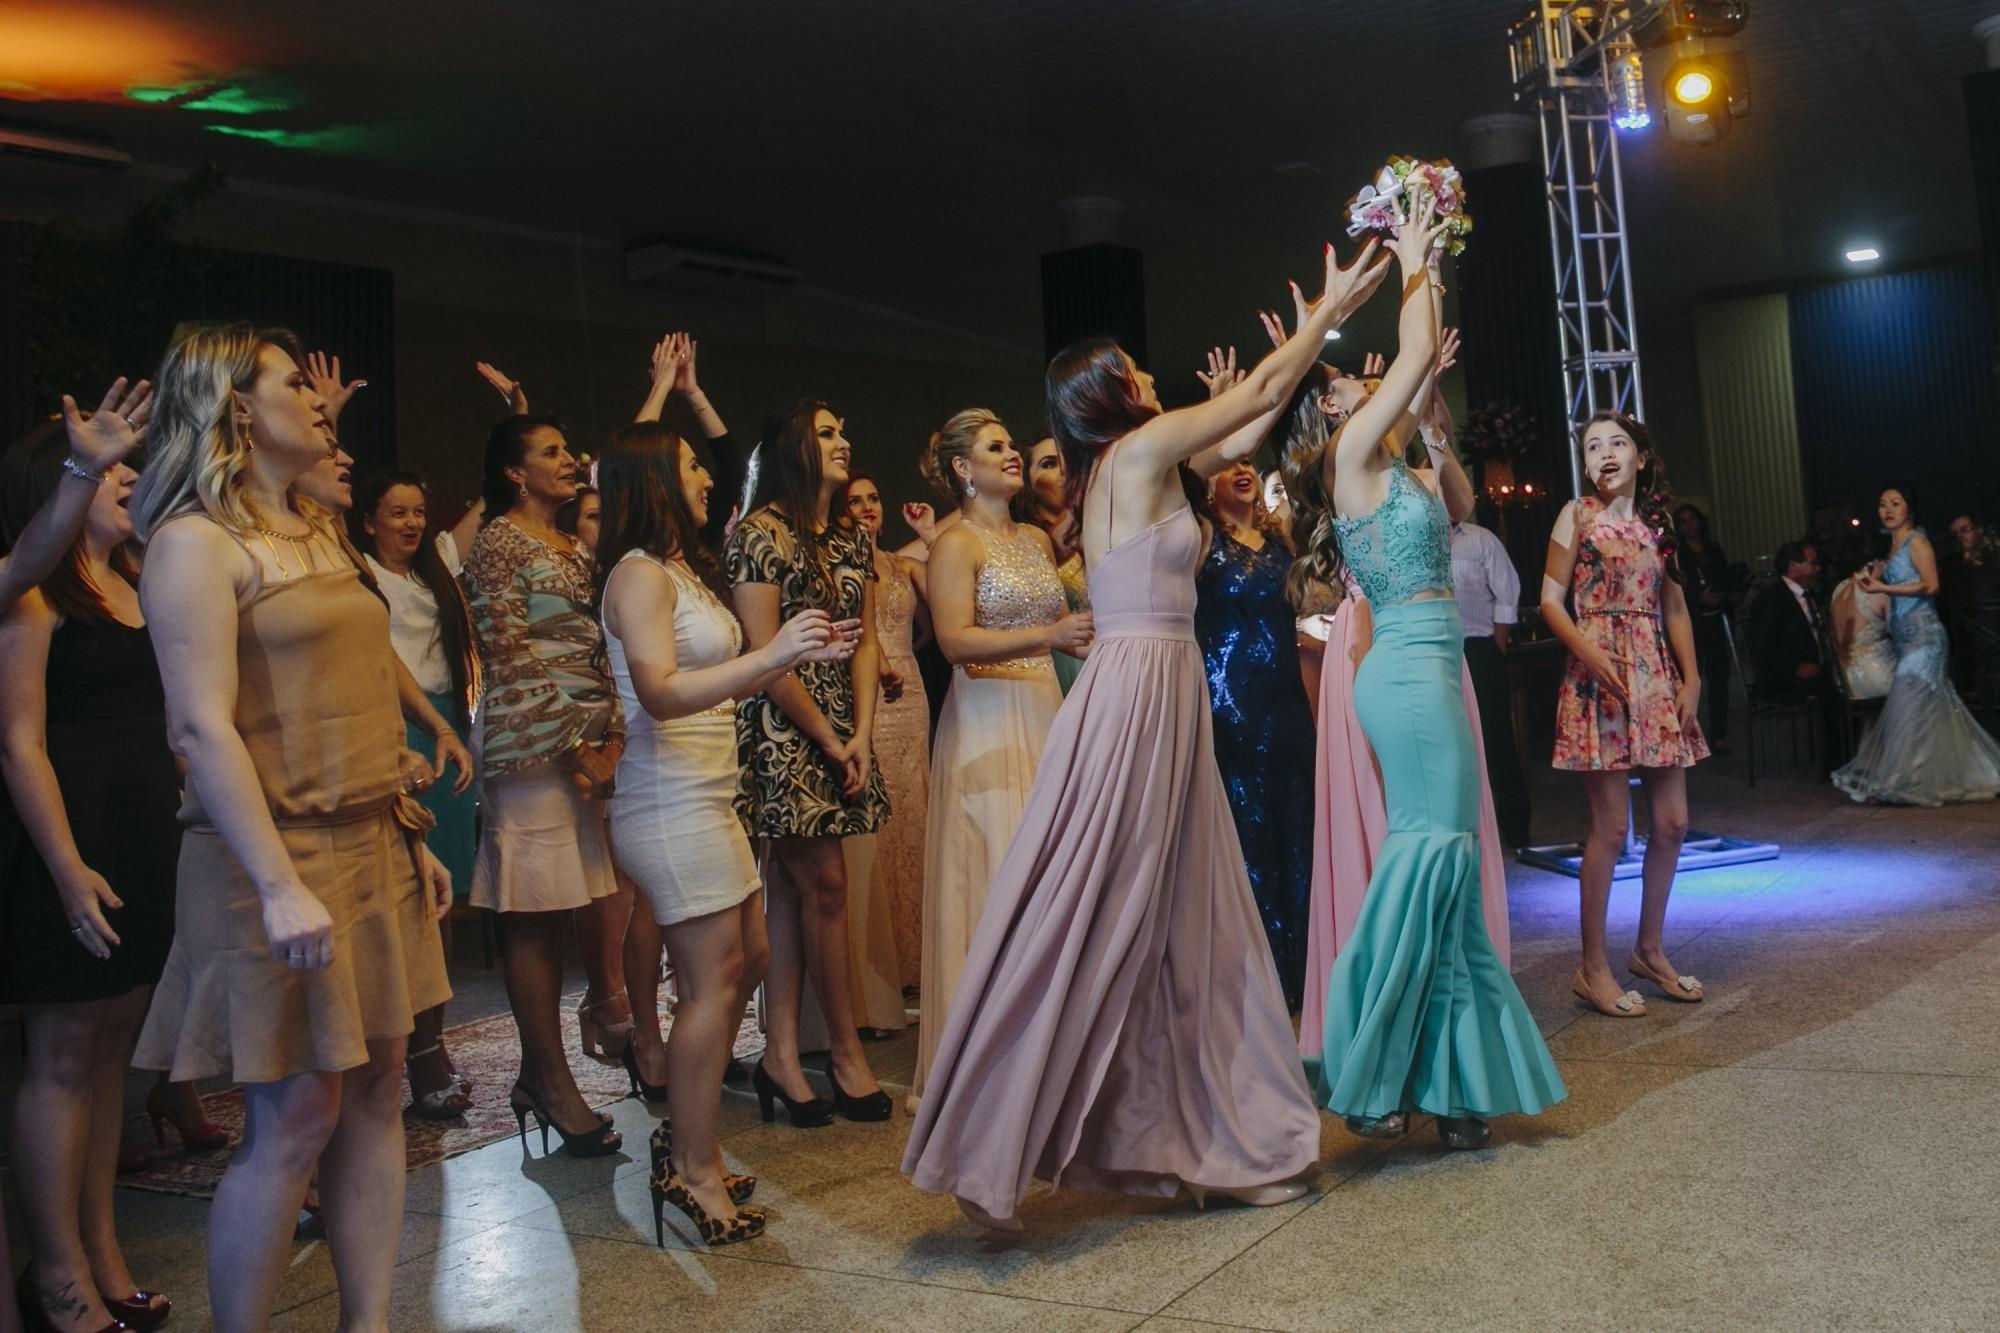 Casamento Camila Rampim e Rafael em Terra Roxa - Paraná - por Lorran Souza e Léia Sotile - fotografos de casamentos - 66